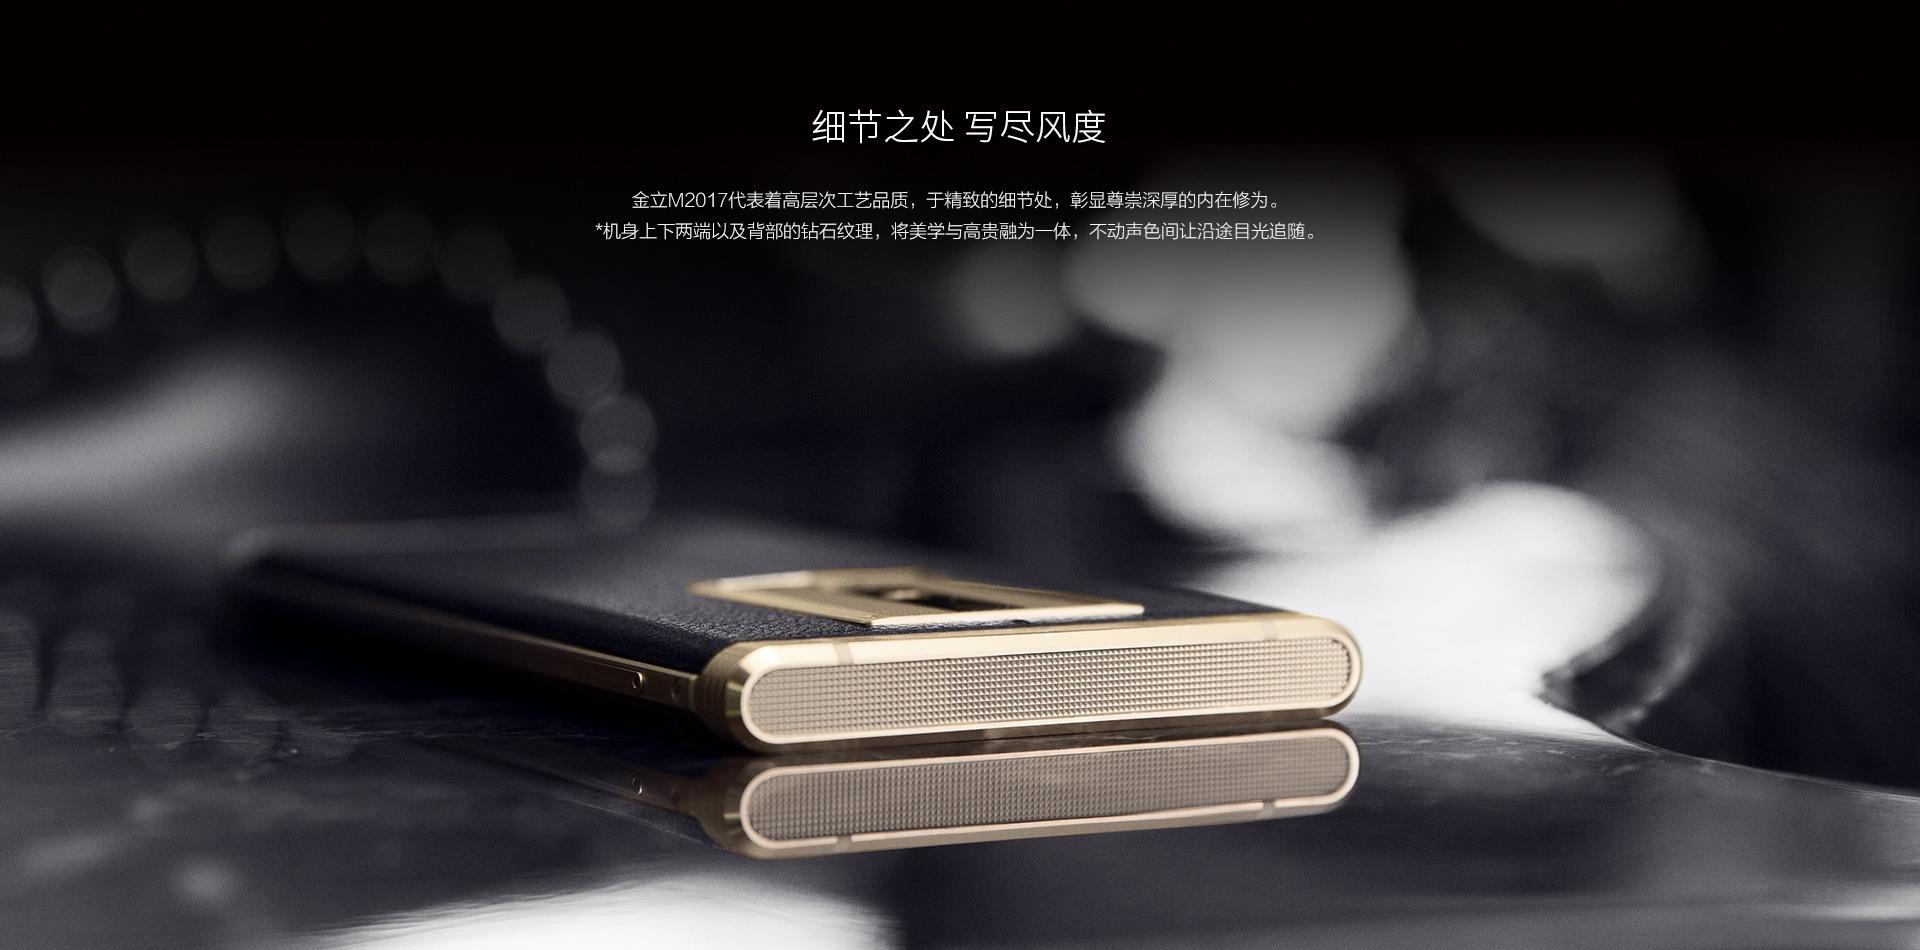 عکسهای بینظیر از گوشی لاکچری چینی با باتری ۷۰۰۰ میلیآمپر بر ساعت